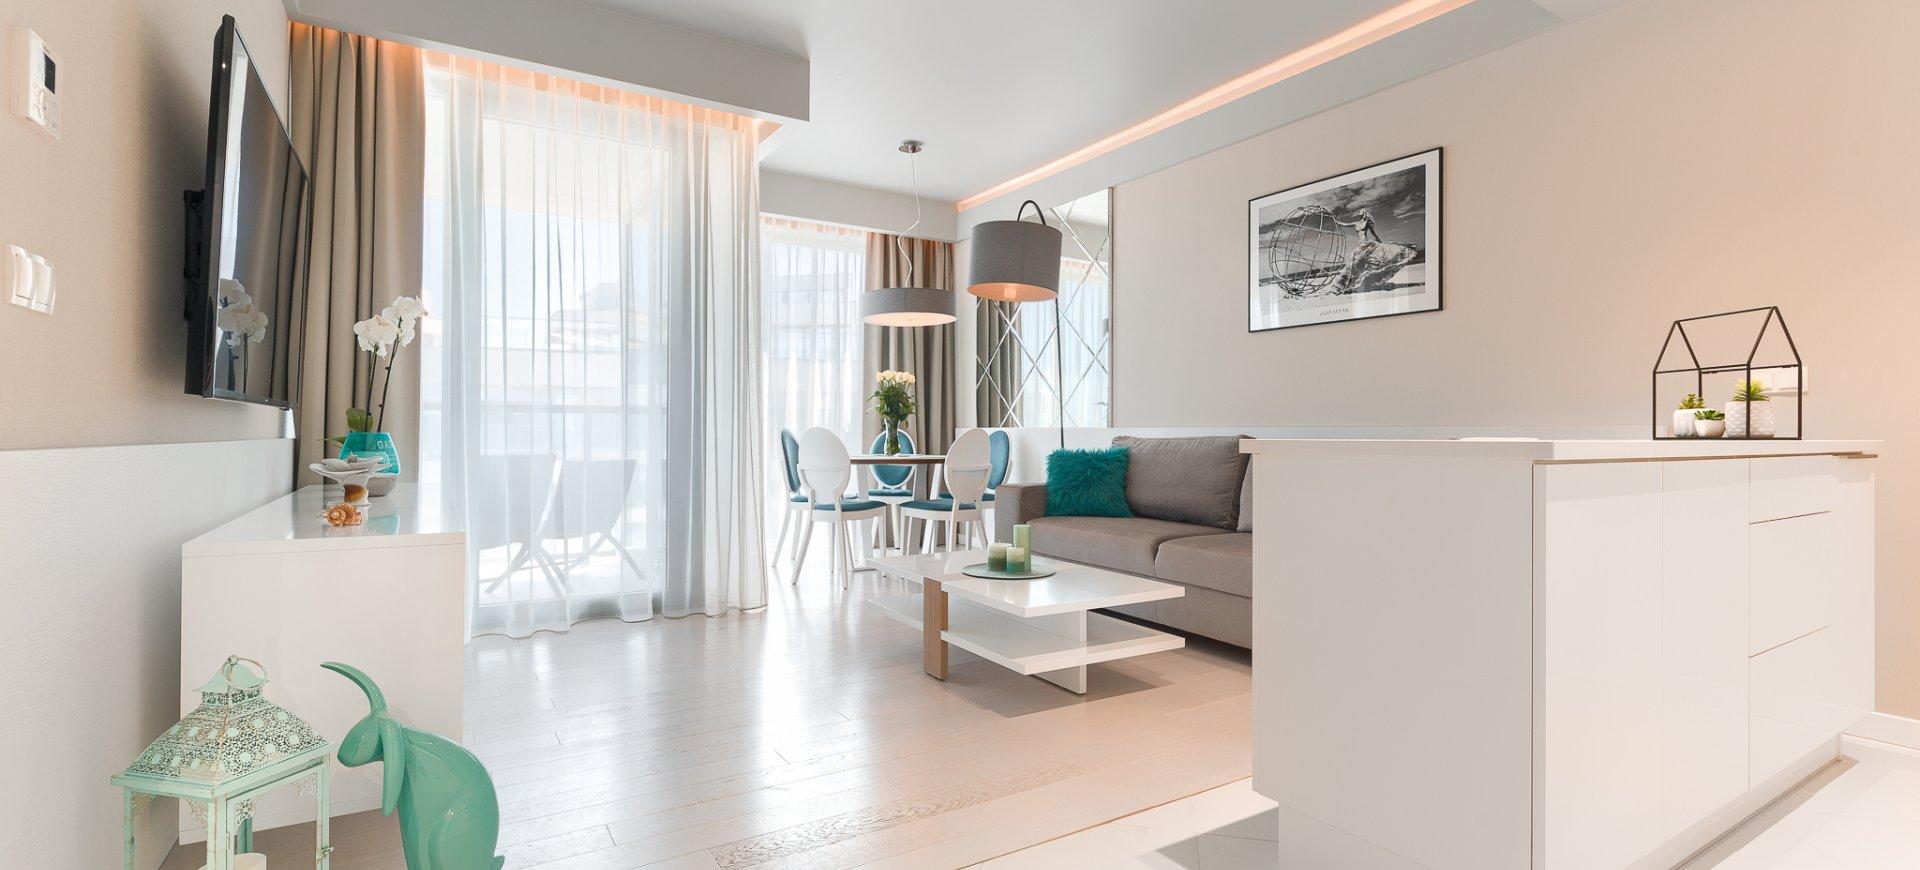 Apartament Deluxe z 1 sypialnią 4.08 B z widokiem na morze